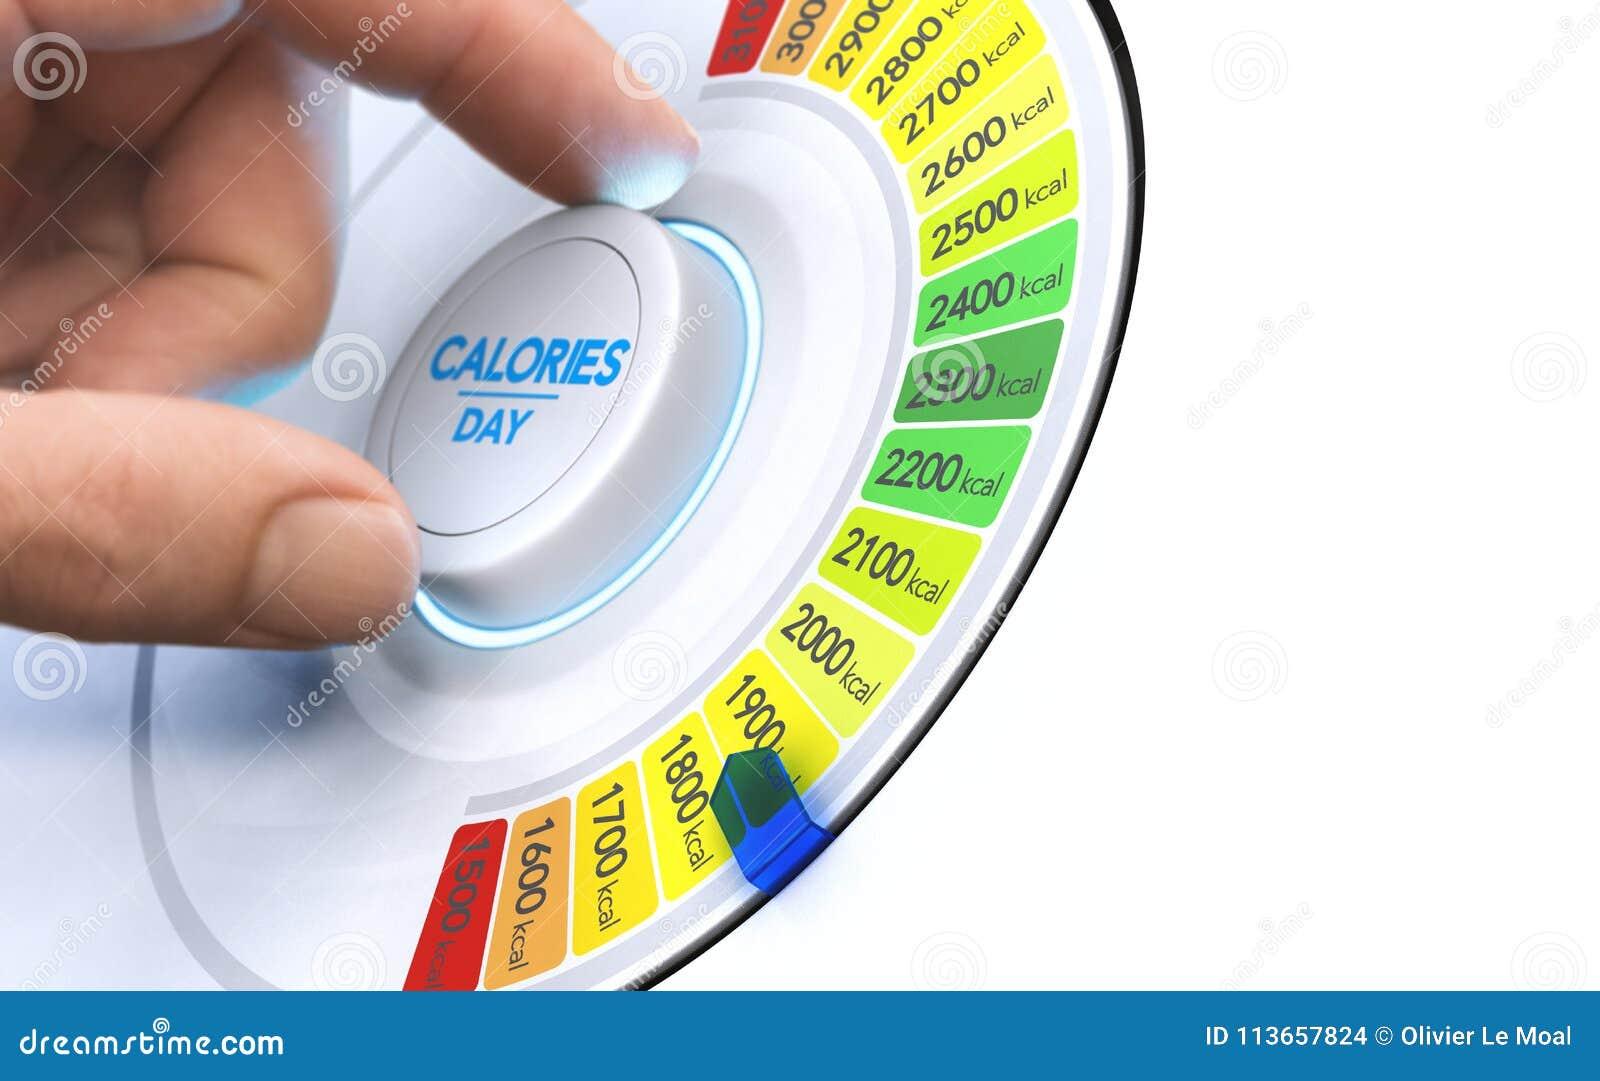 Сбалансированной диеты пищи волокна вес потеря салат калорий.